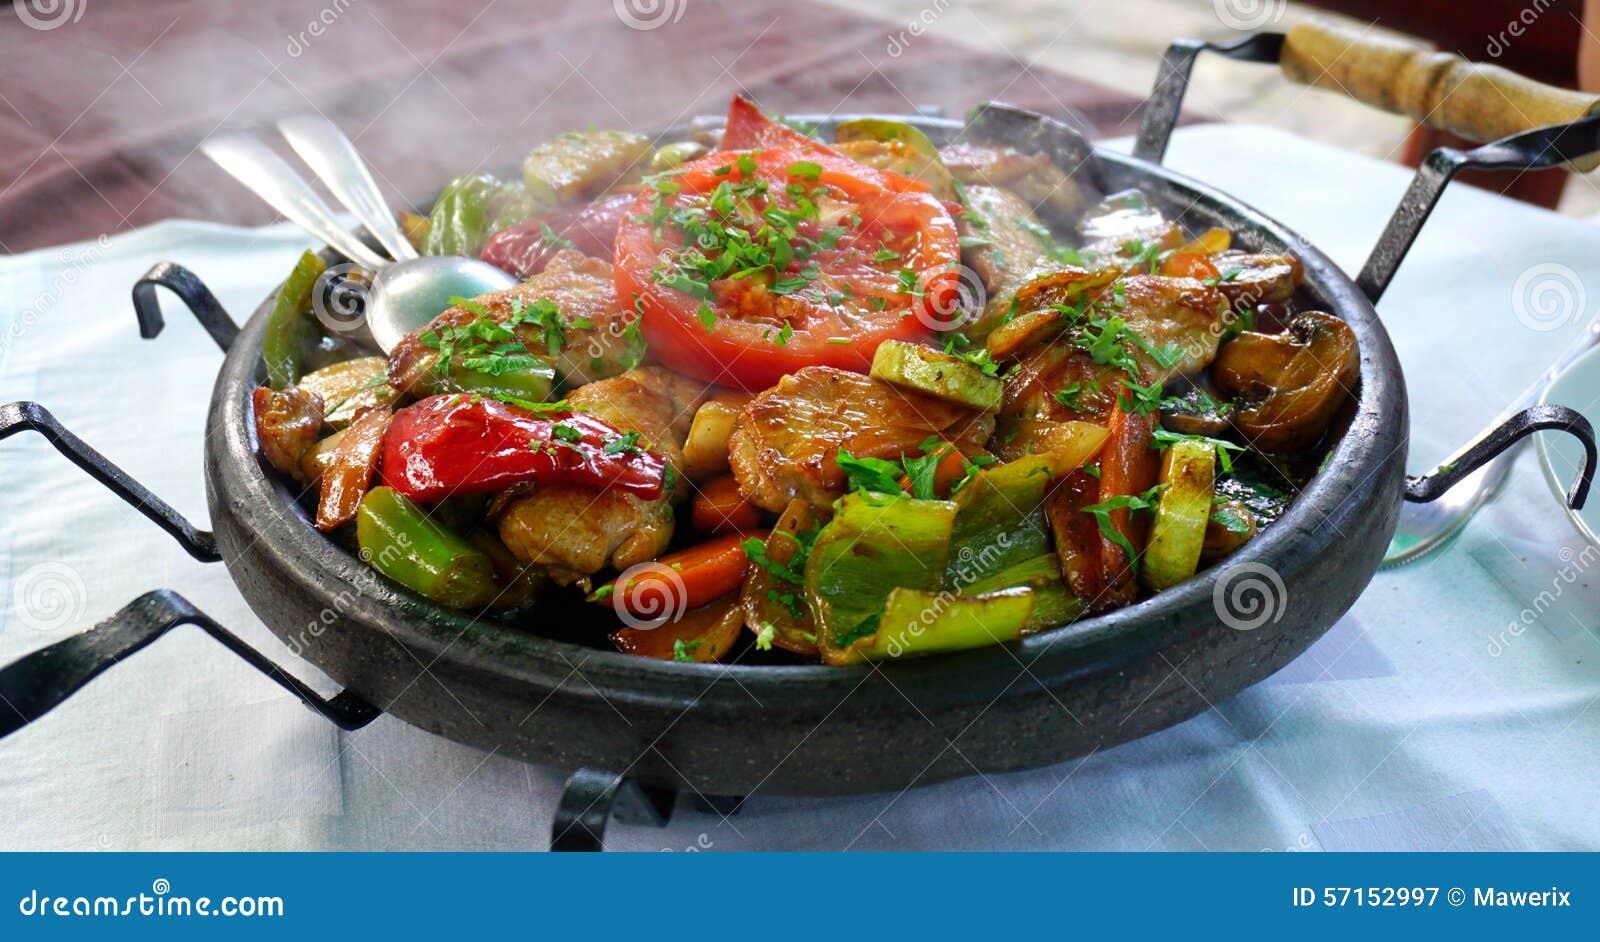 Sach - comida búlgara tradicional